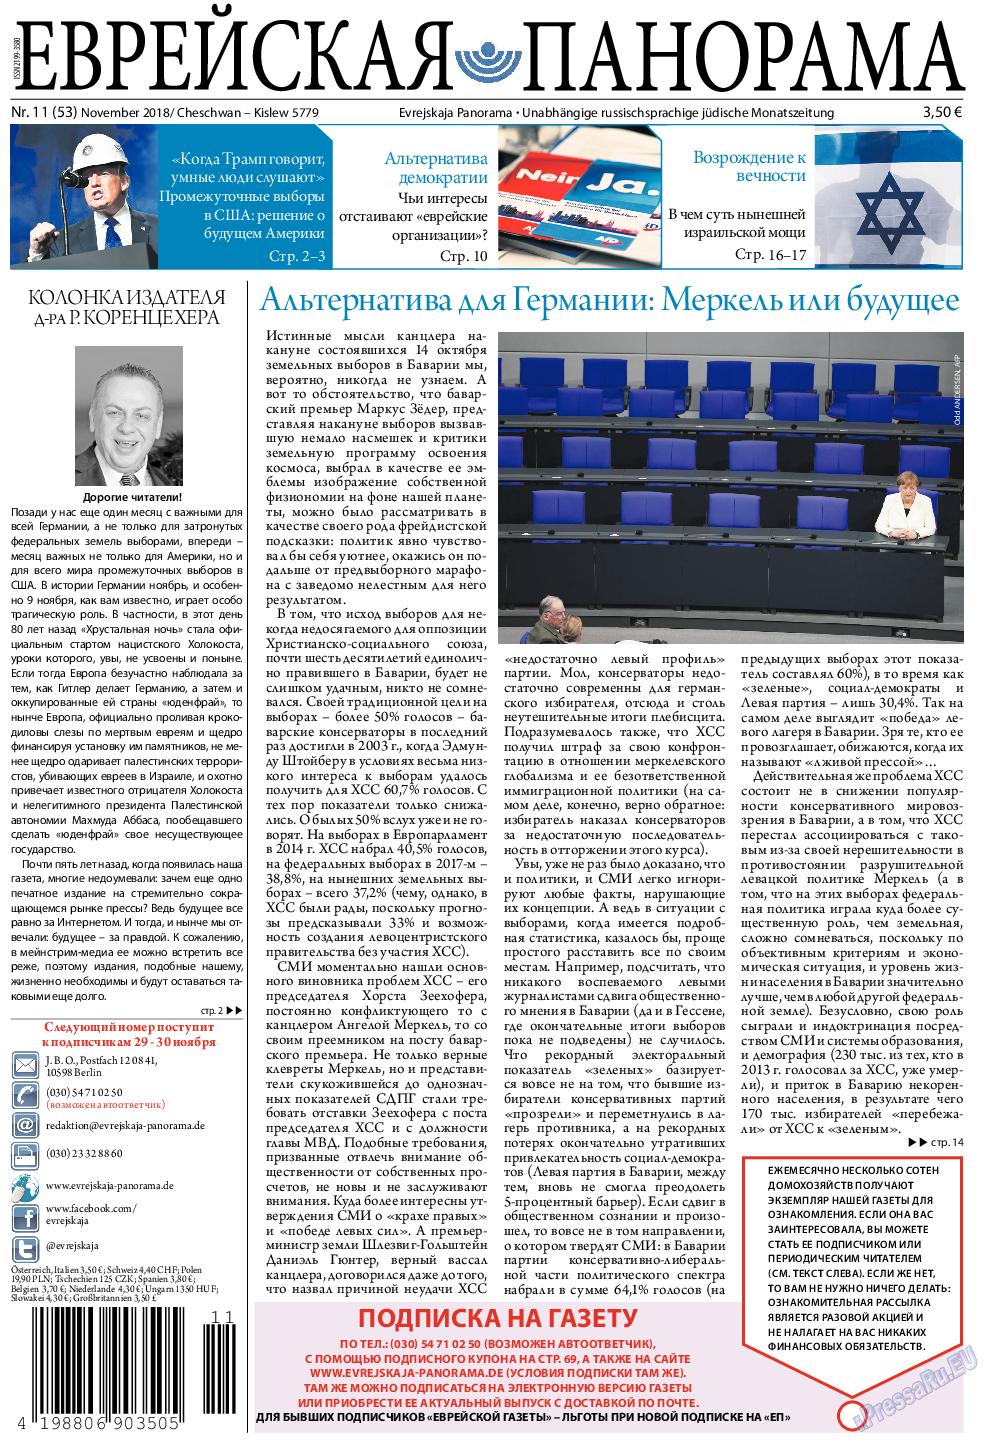 Еврейская панорама (газета). 2018 год, номер 11, стр. 1